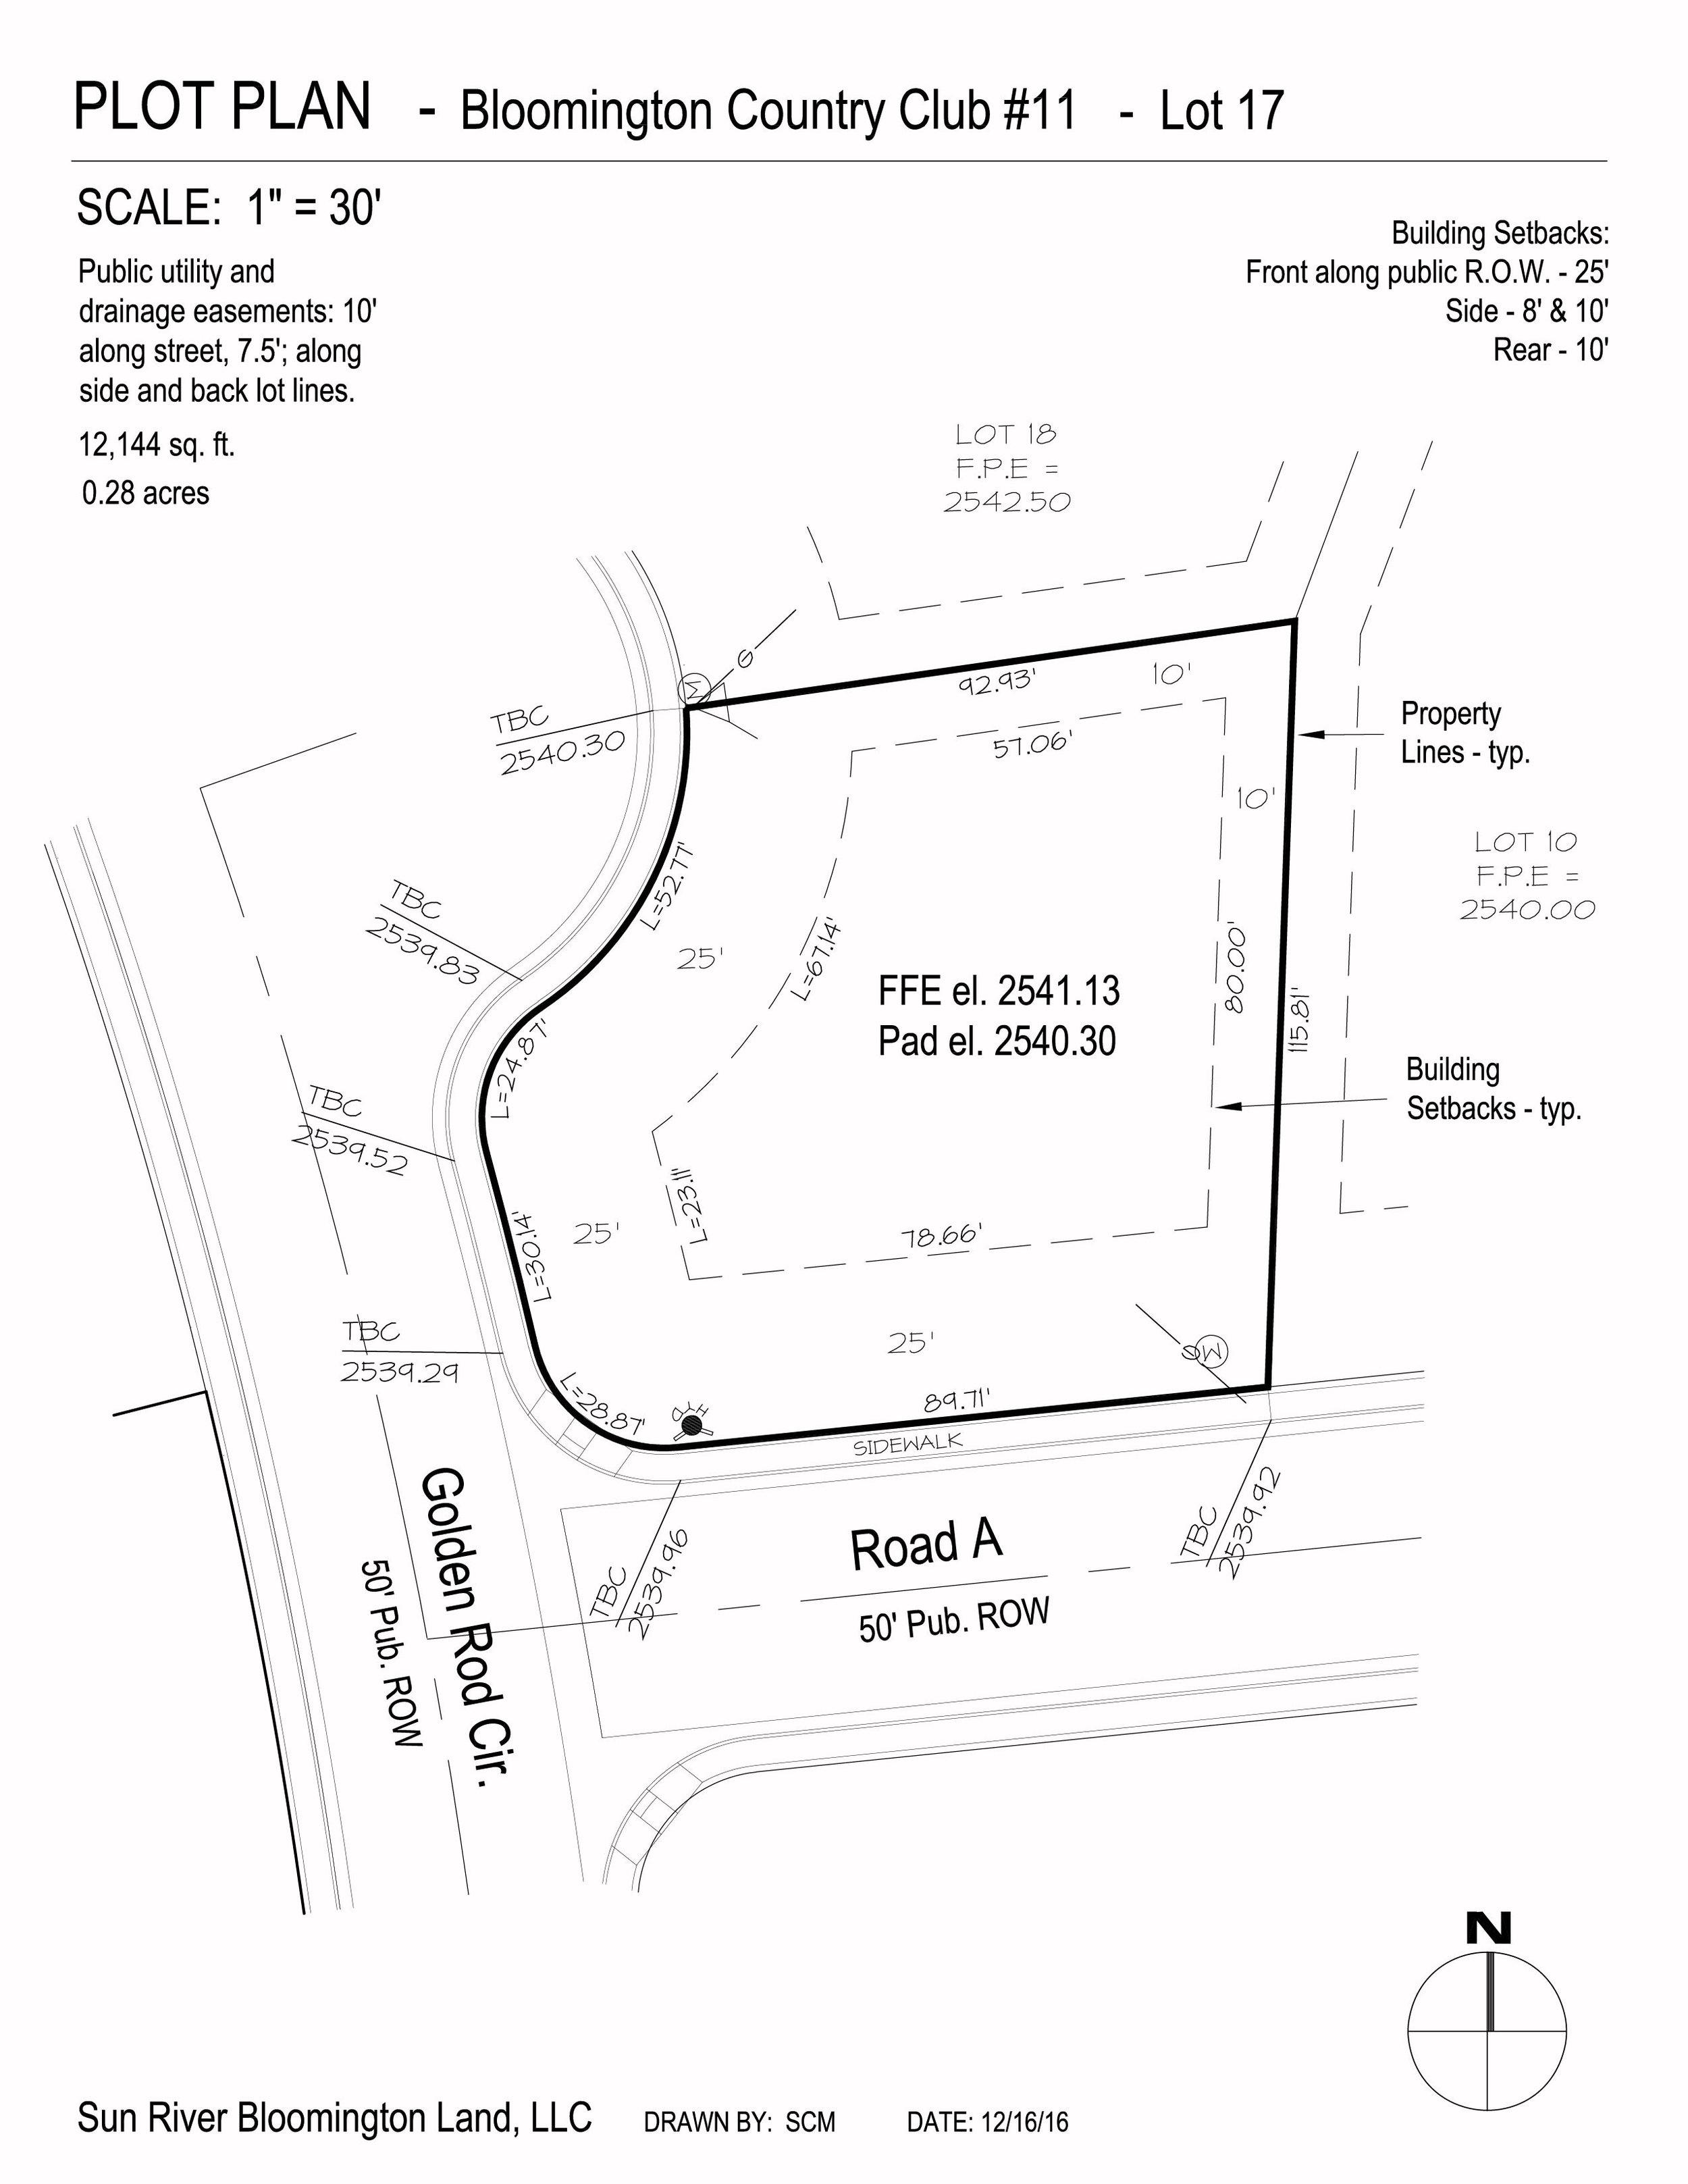 hamblin plot plans-17.jpg